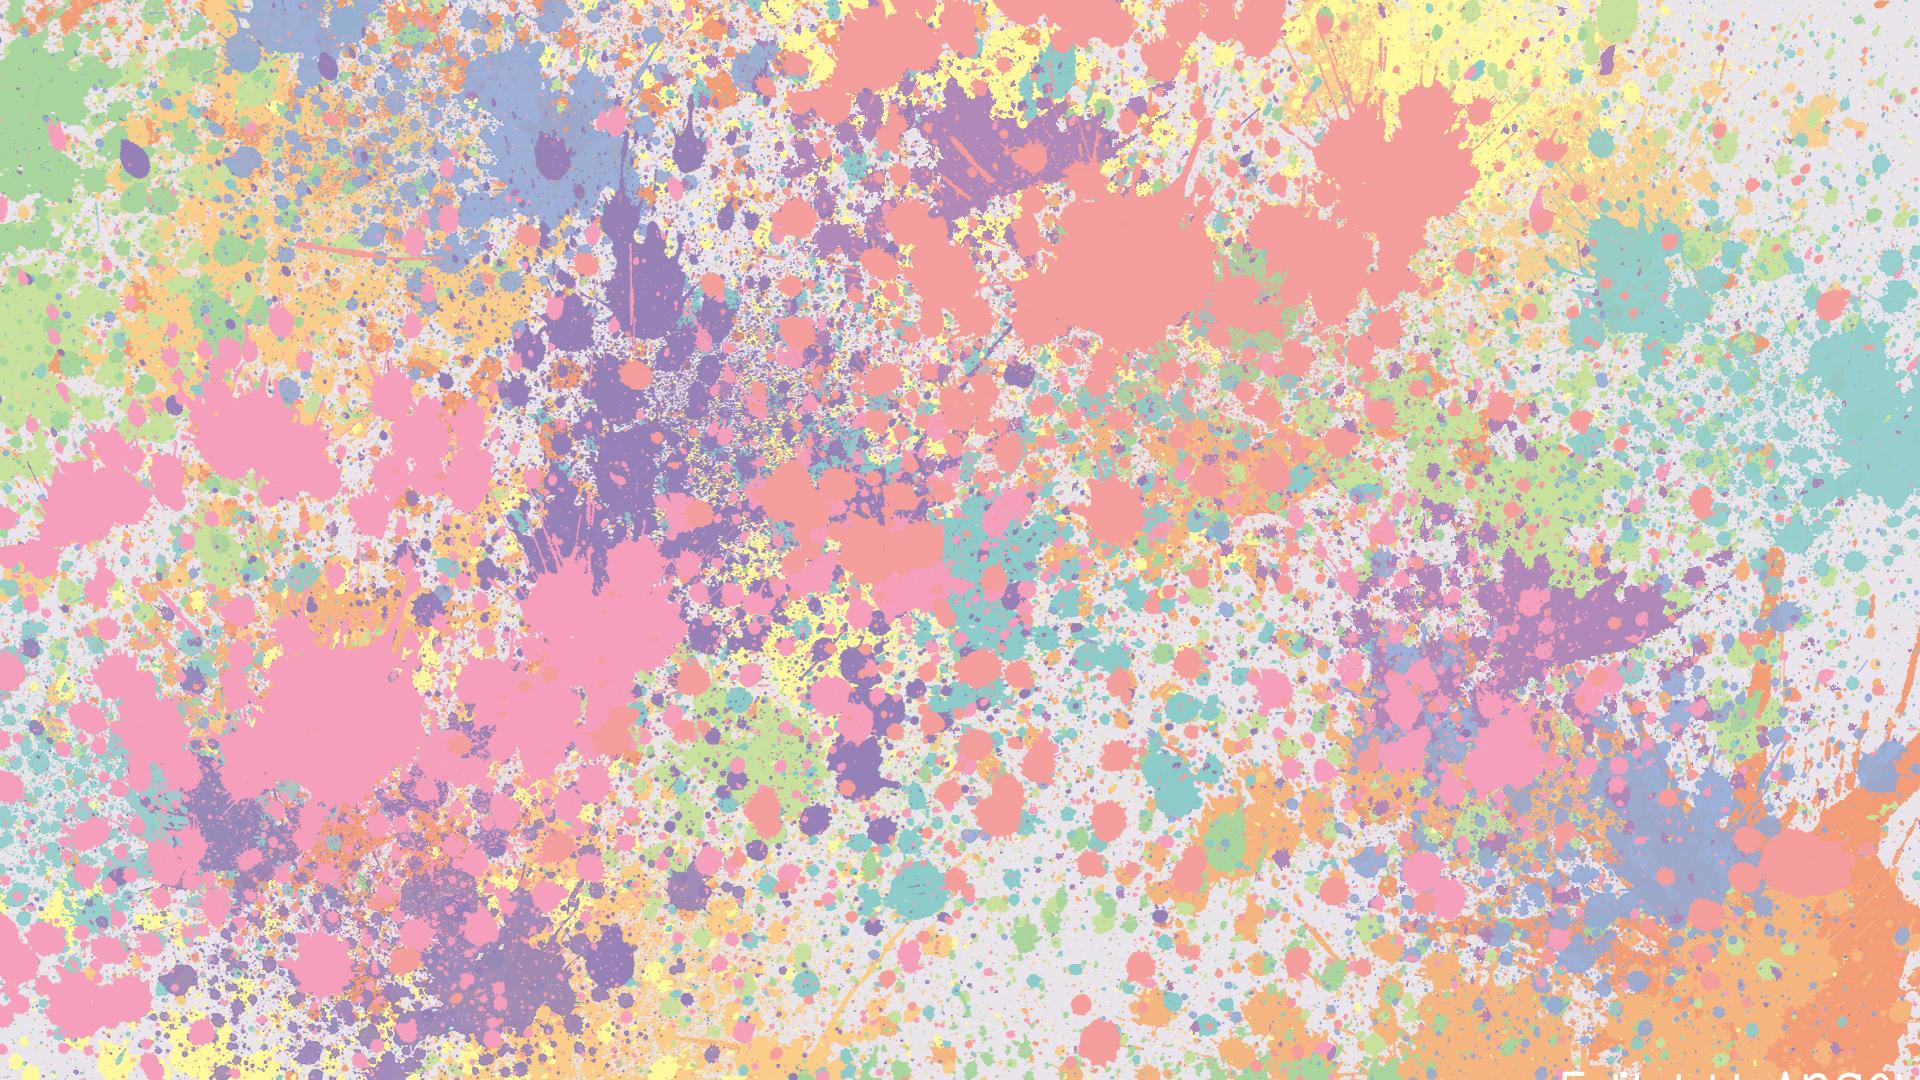 Free Download Pastel Wallpaper Tumblr Pastel Splat Wallpaper By